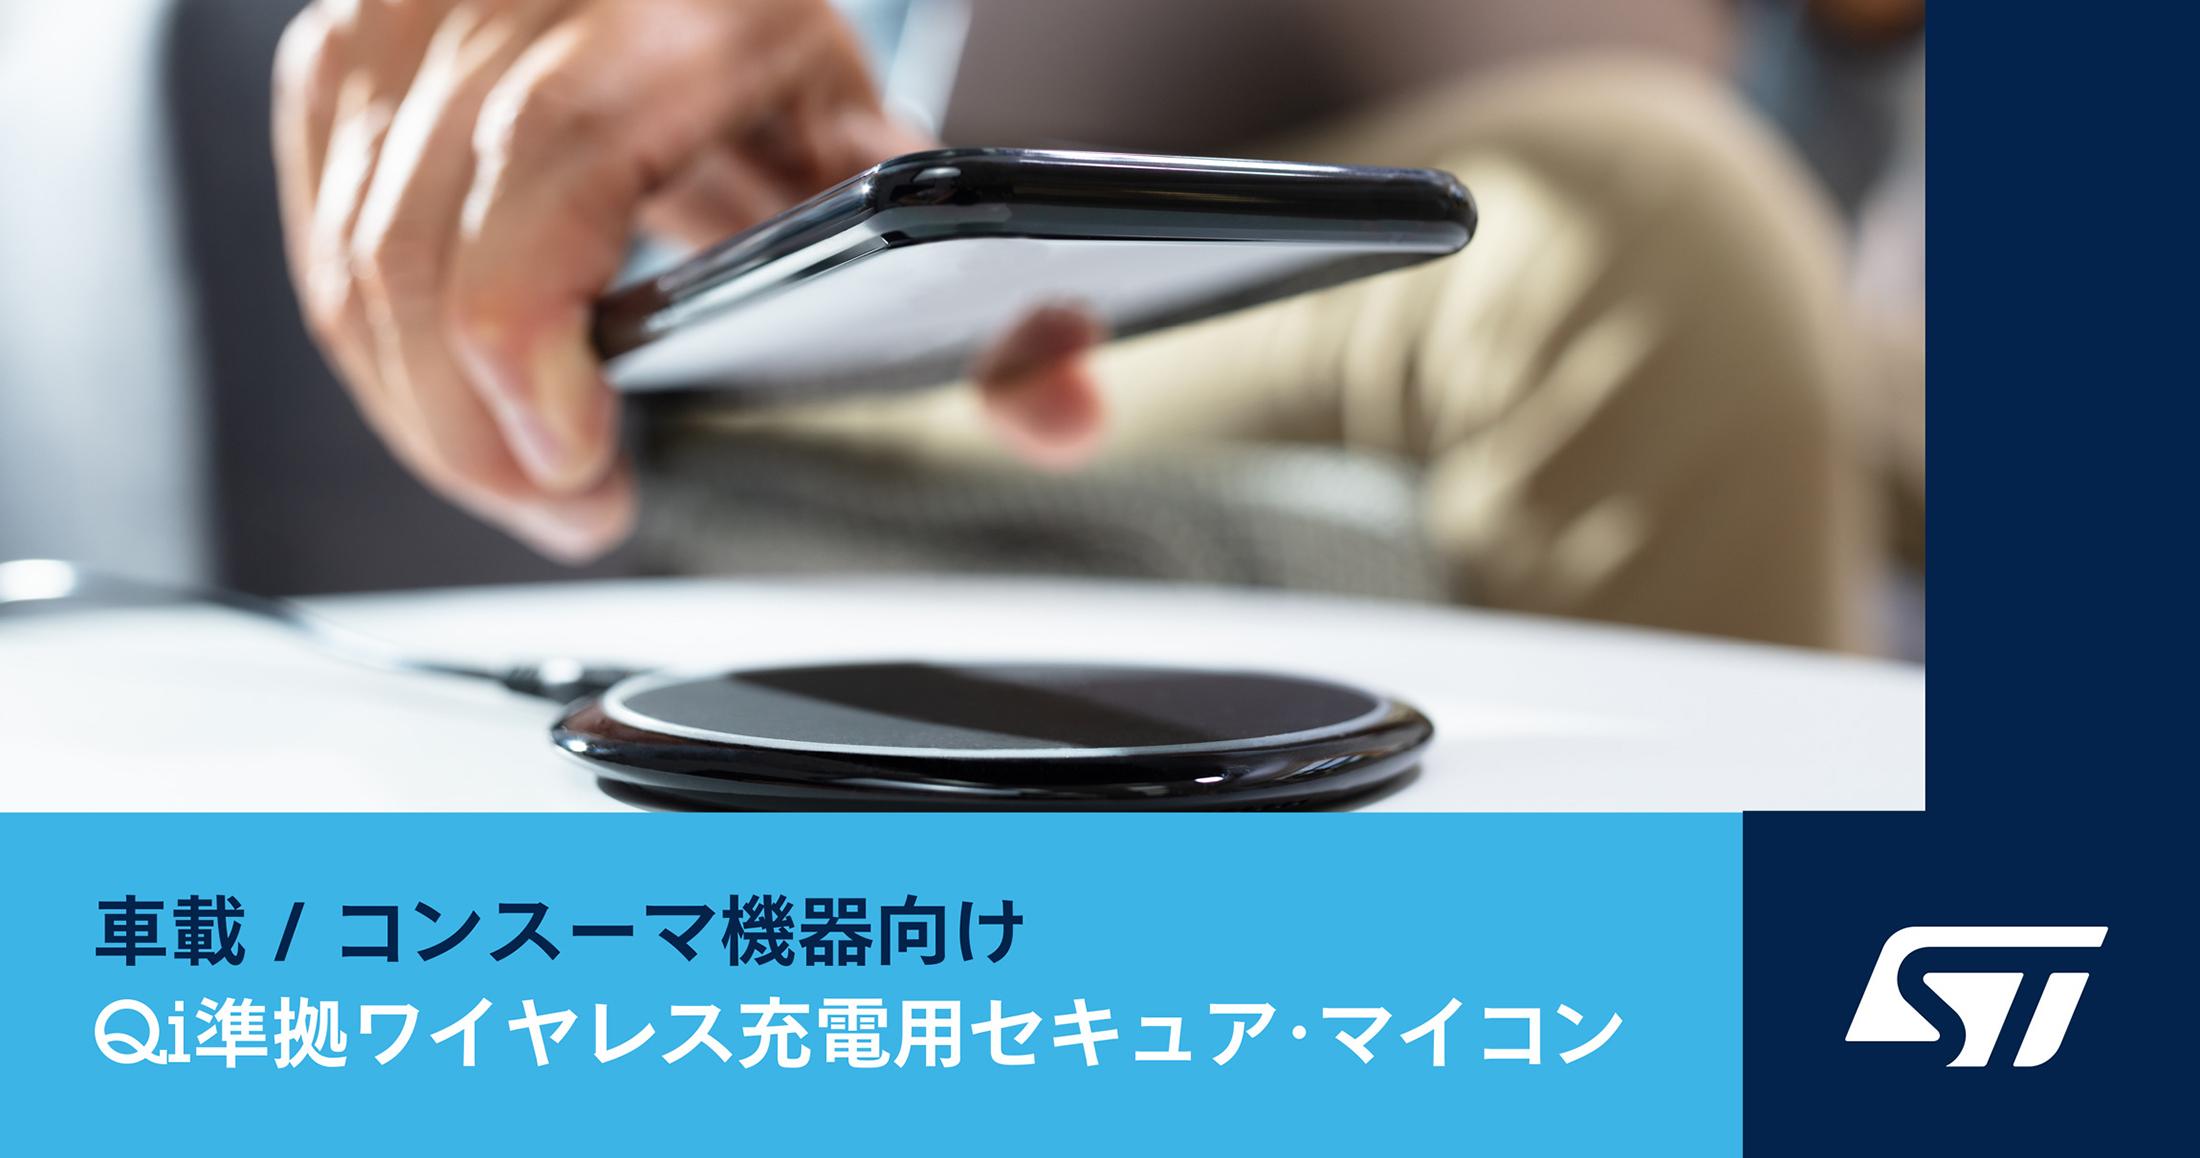 STマイクロエレクトロニクスが車載機器 / コンスーマ向けQi準拠ワイヤレス充電器用のセキュア・マイコンを発表